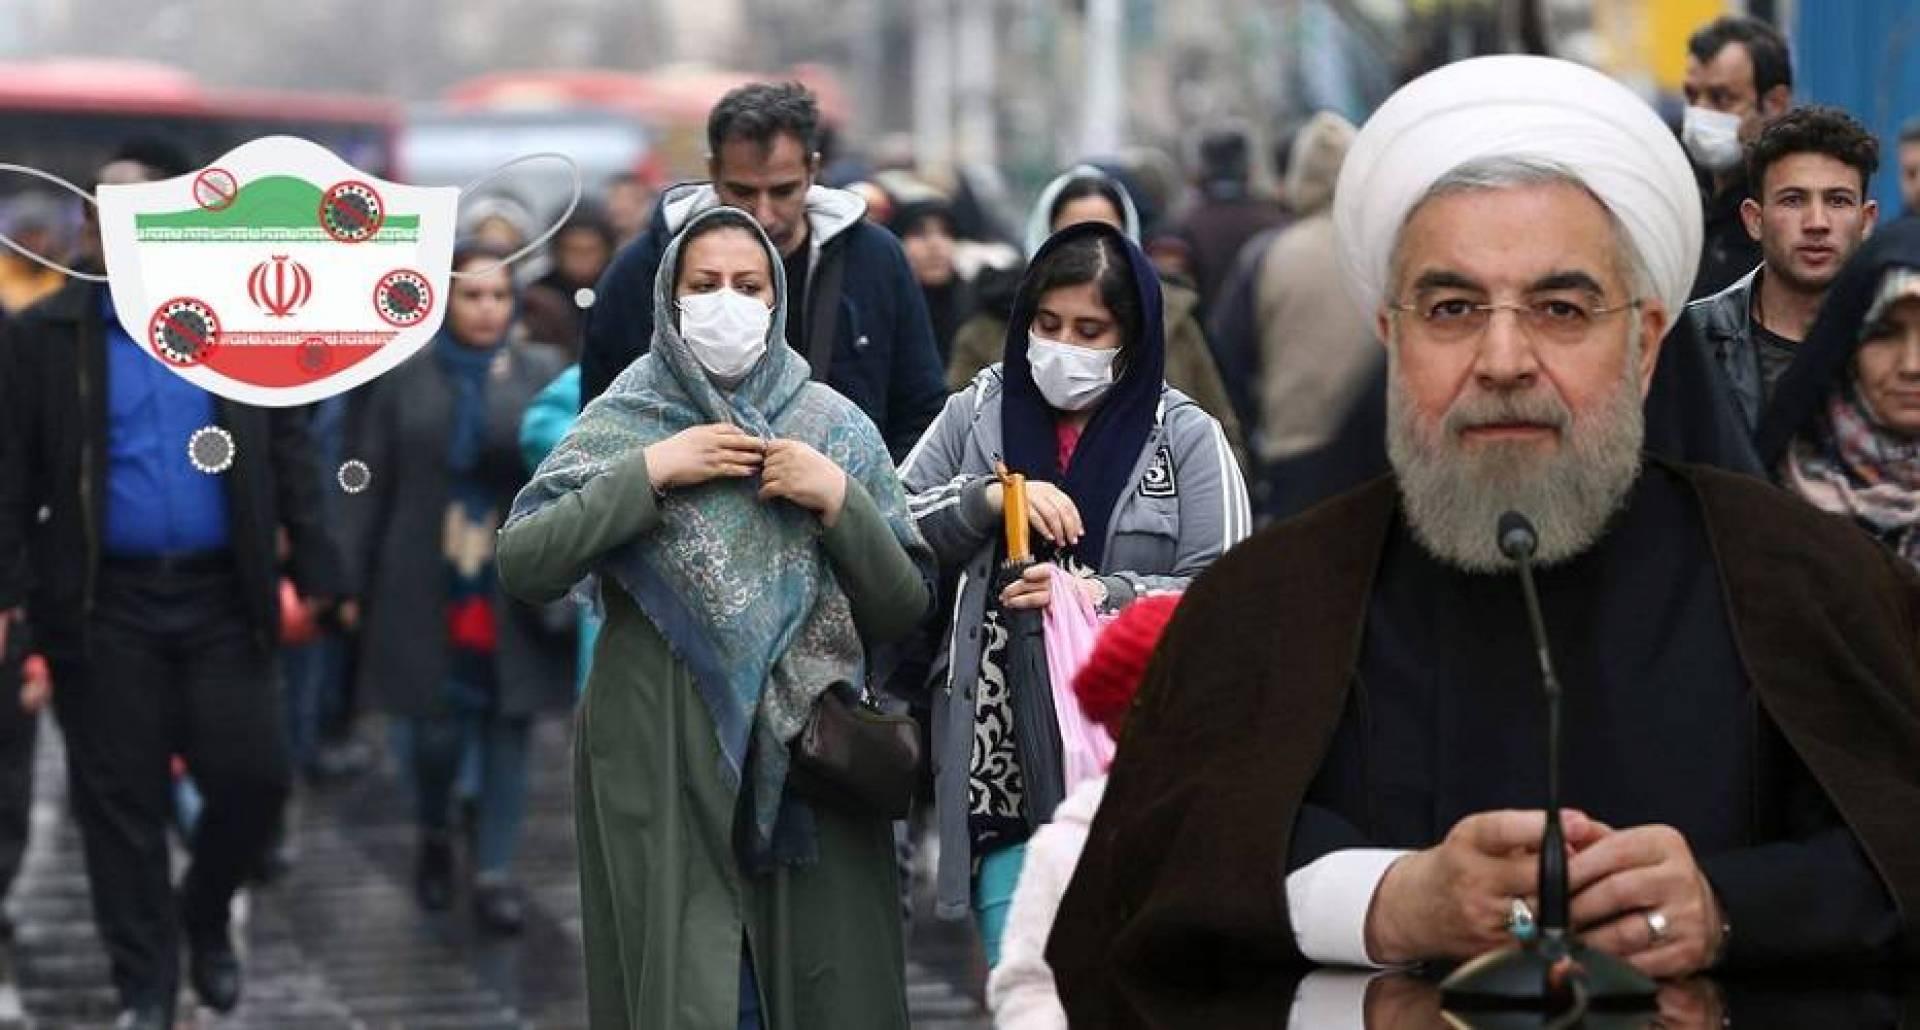 بعد تصريح روحاني.. رفض إيران حجر مناطق كورونا يهدد المنطقة